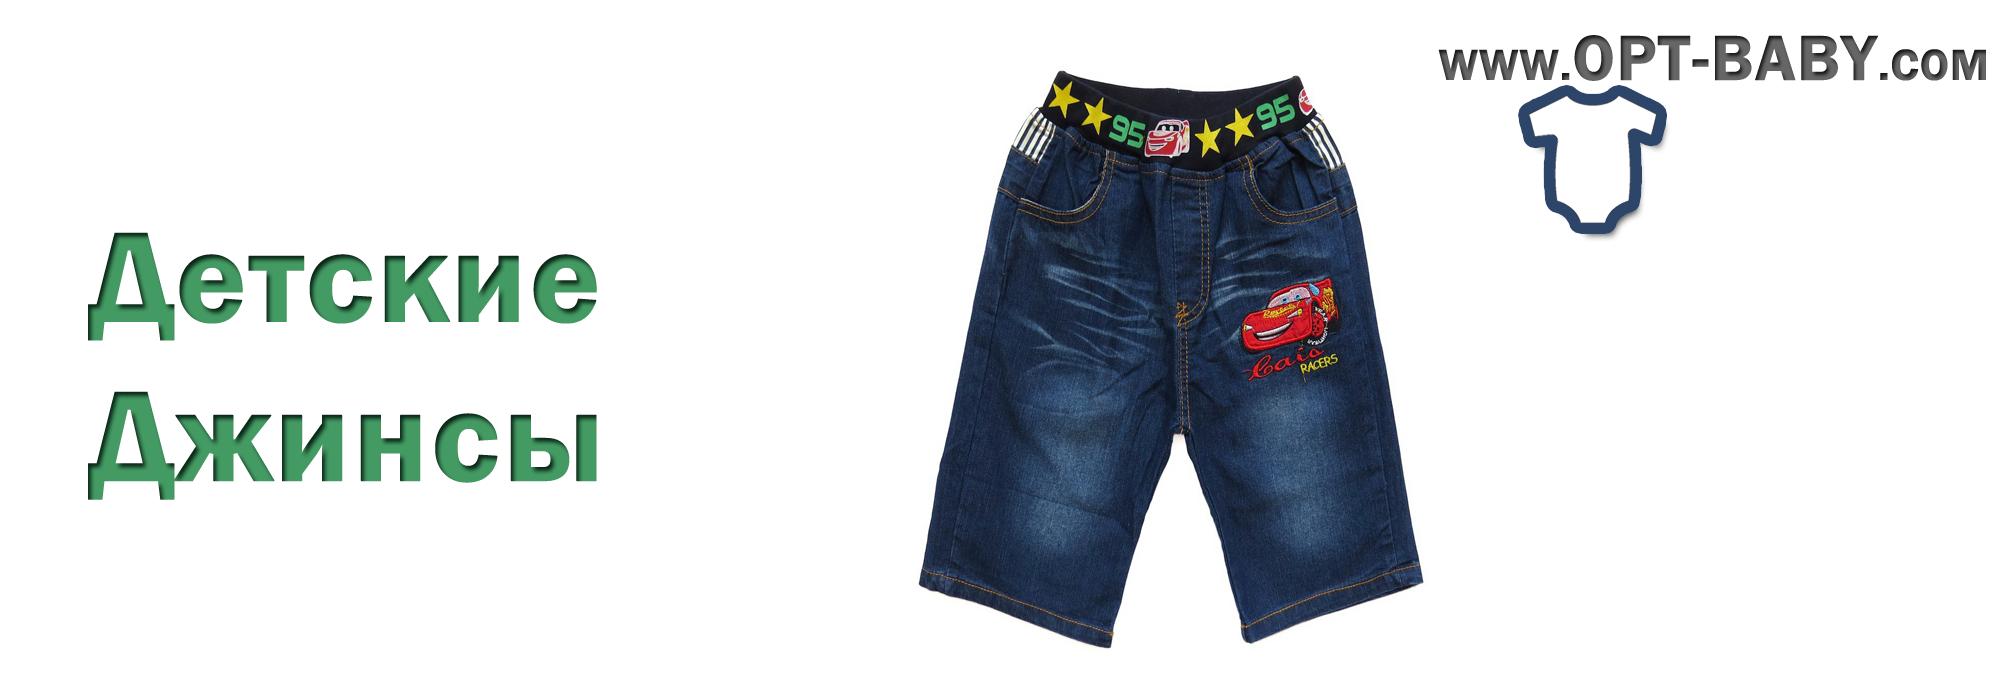 Джинсы на Мальчика - купить от интернет магазина детской одежды